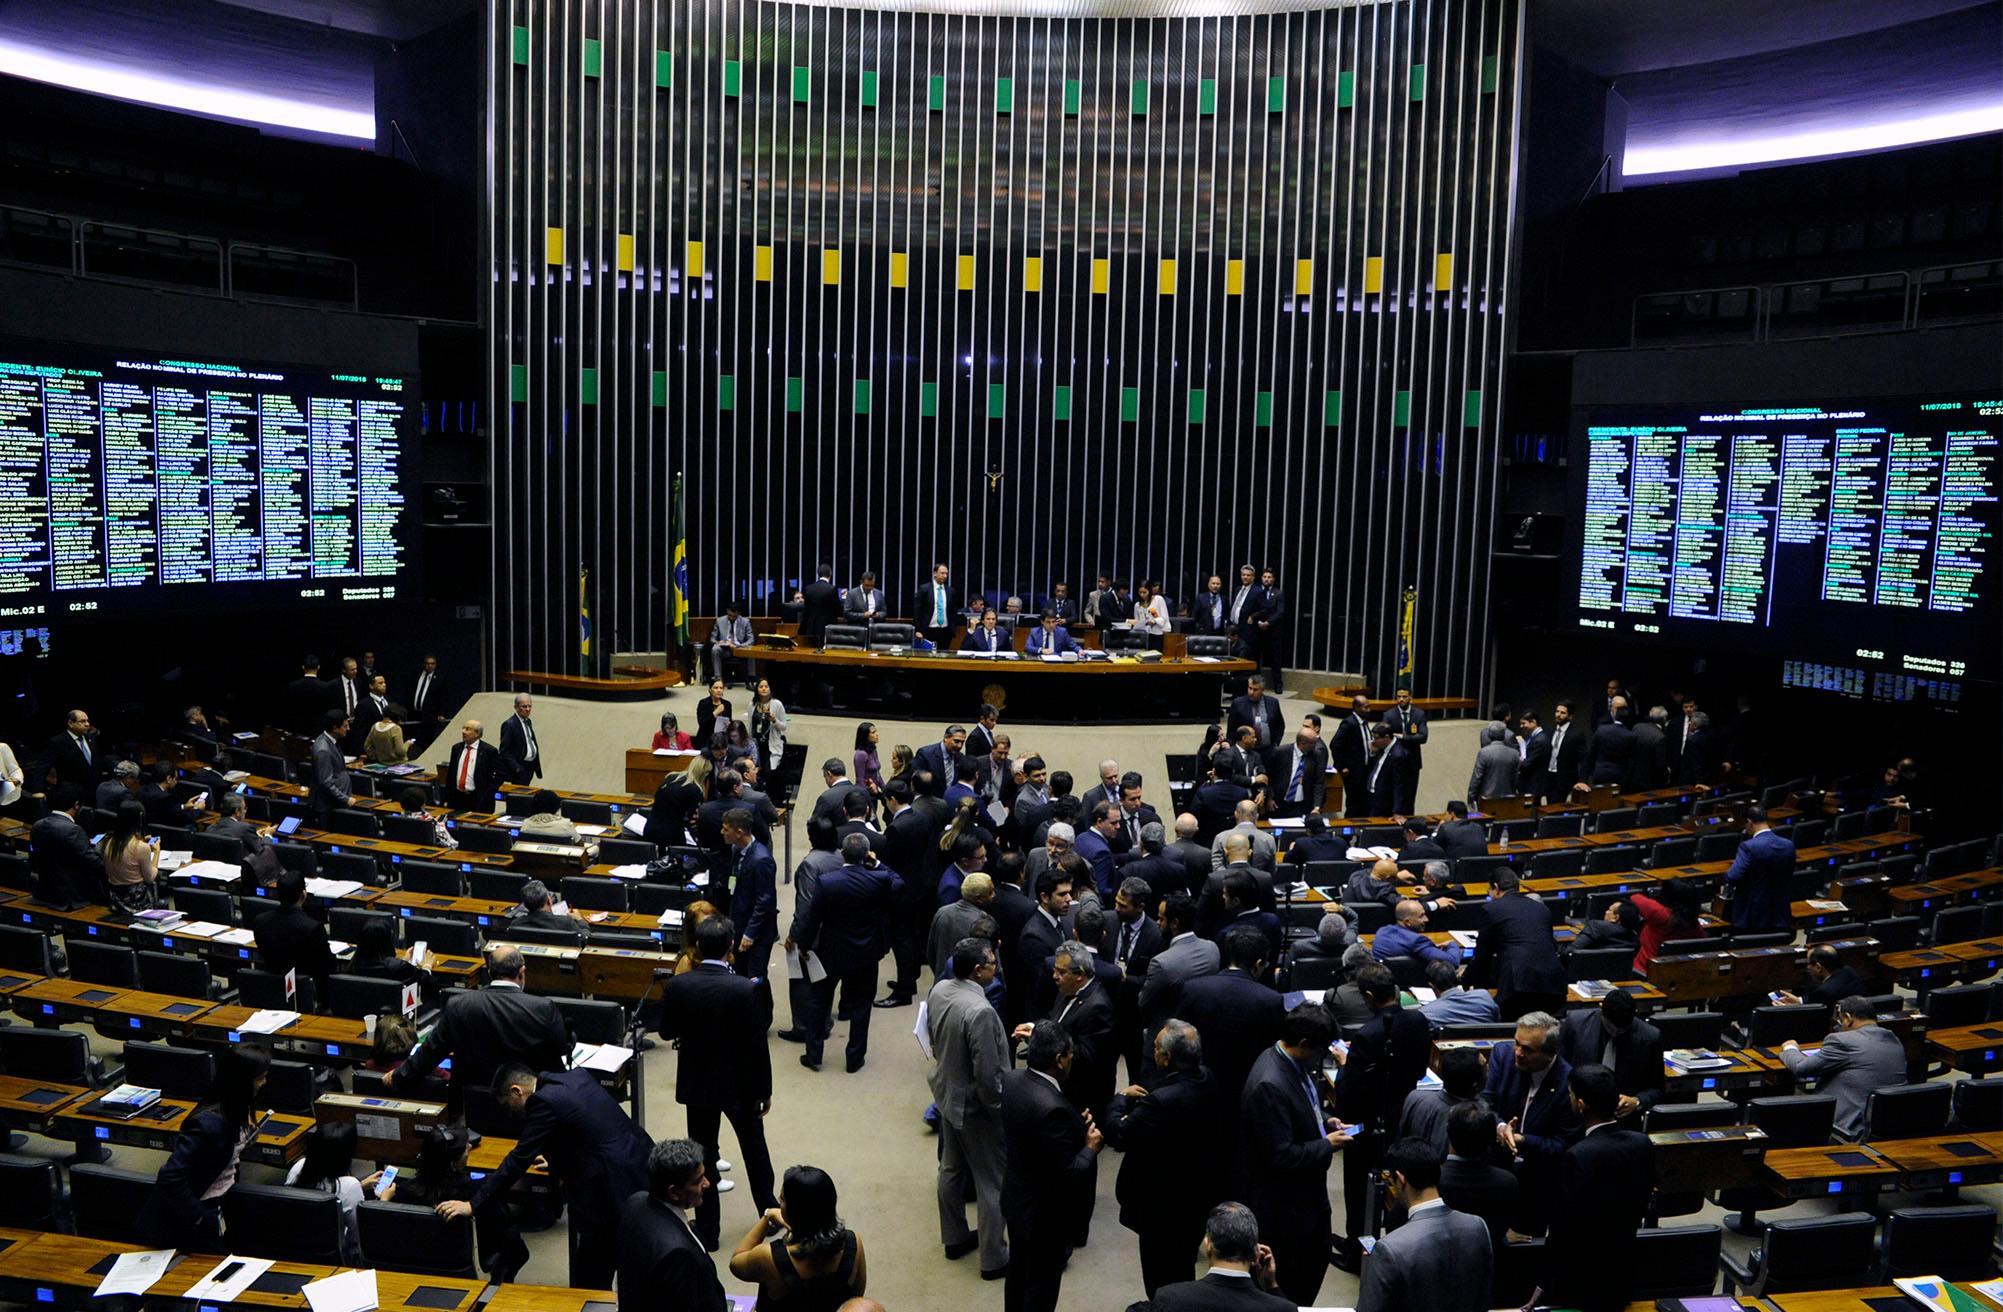 Sessão para deliberação dos projetos de lei do congresso nacional nºs 13, 9, 10 e 2 de 2018